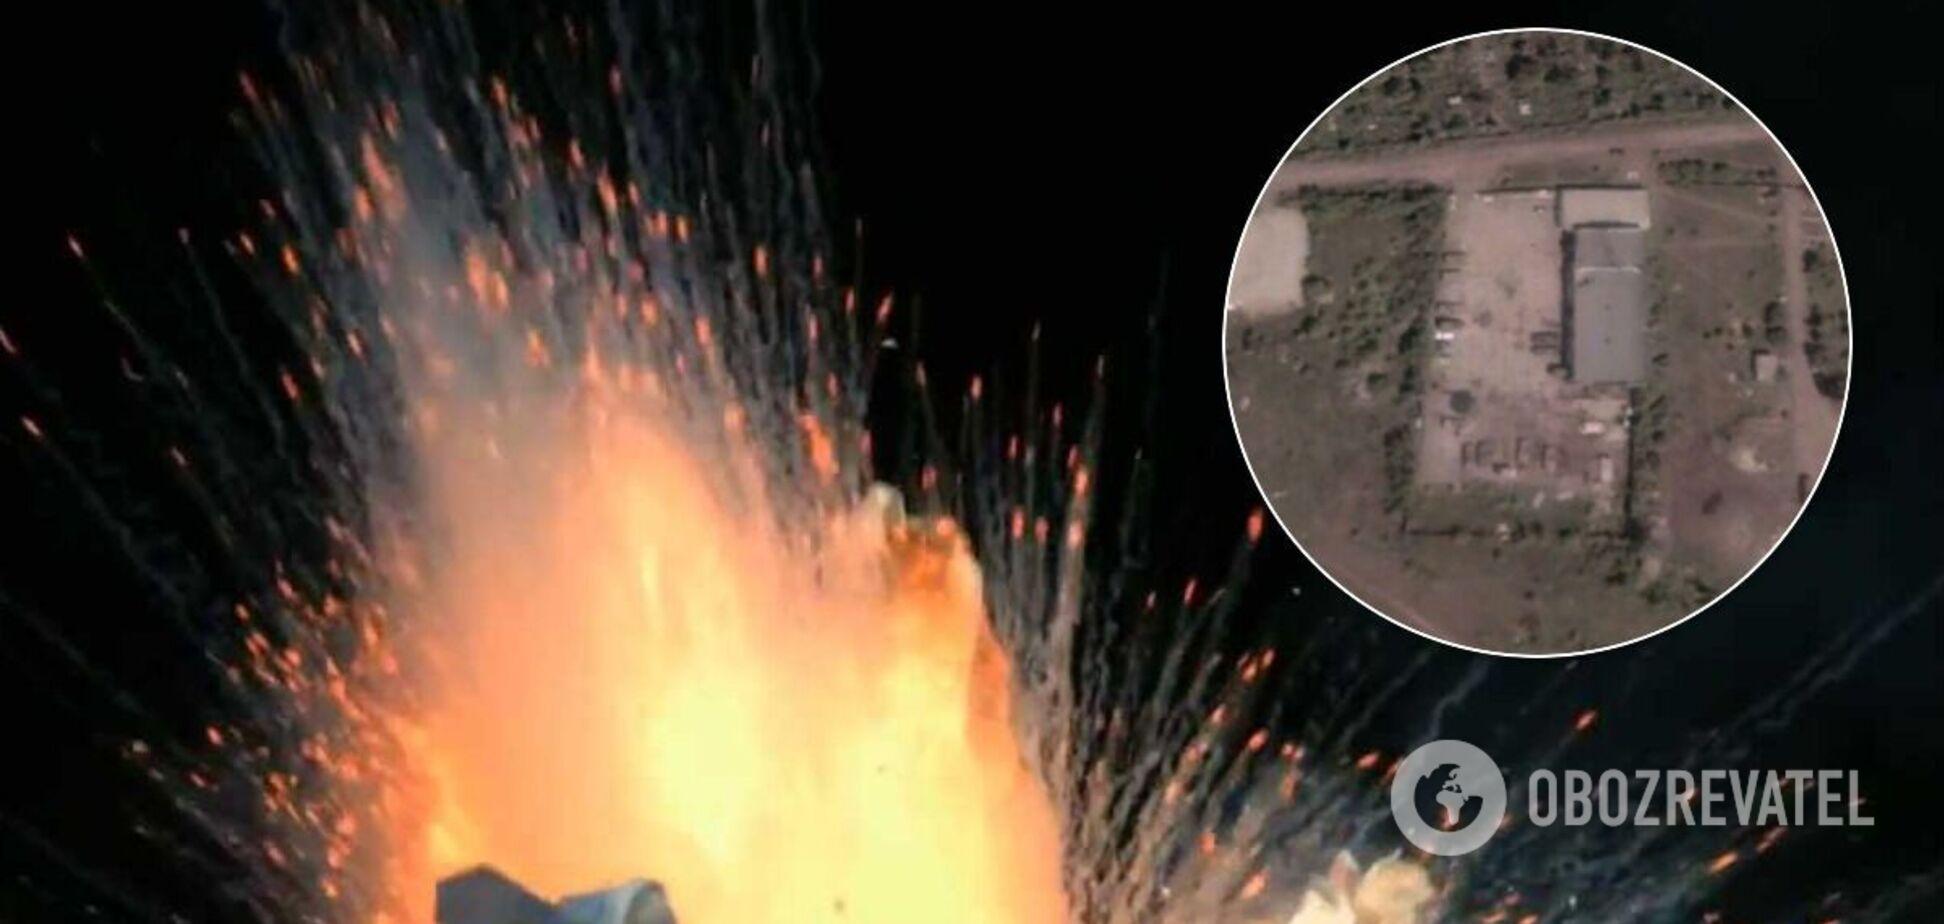 СМИ нашли базу террористов в районе взрывов на Донбассе